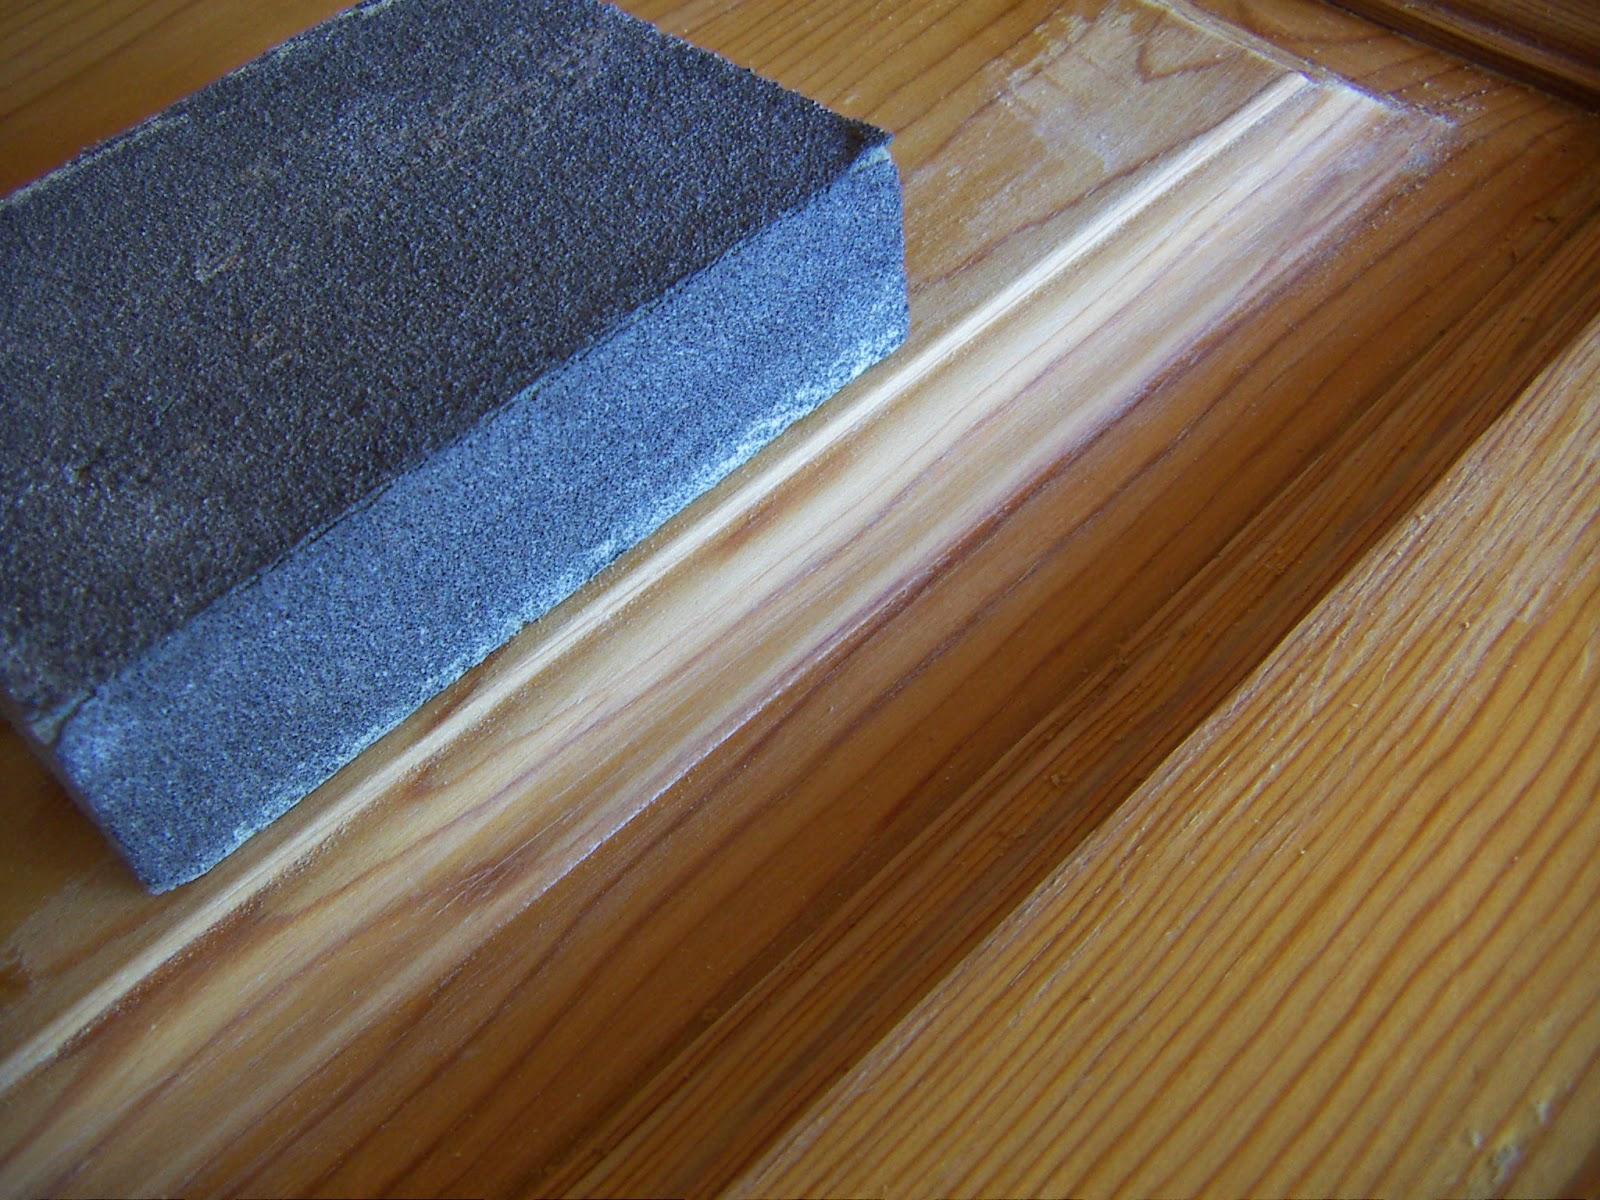 El rinc n de un aprendiz bancos de pino tuneados para el for Decapante para madera